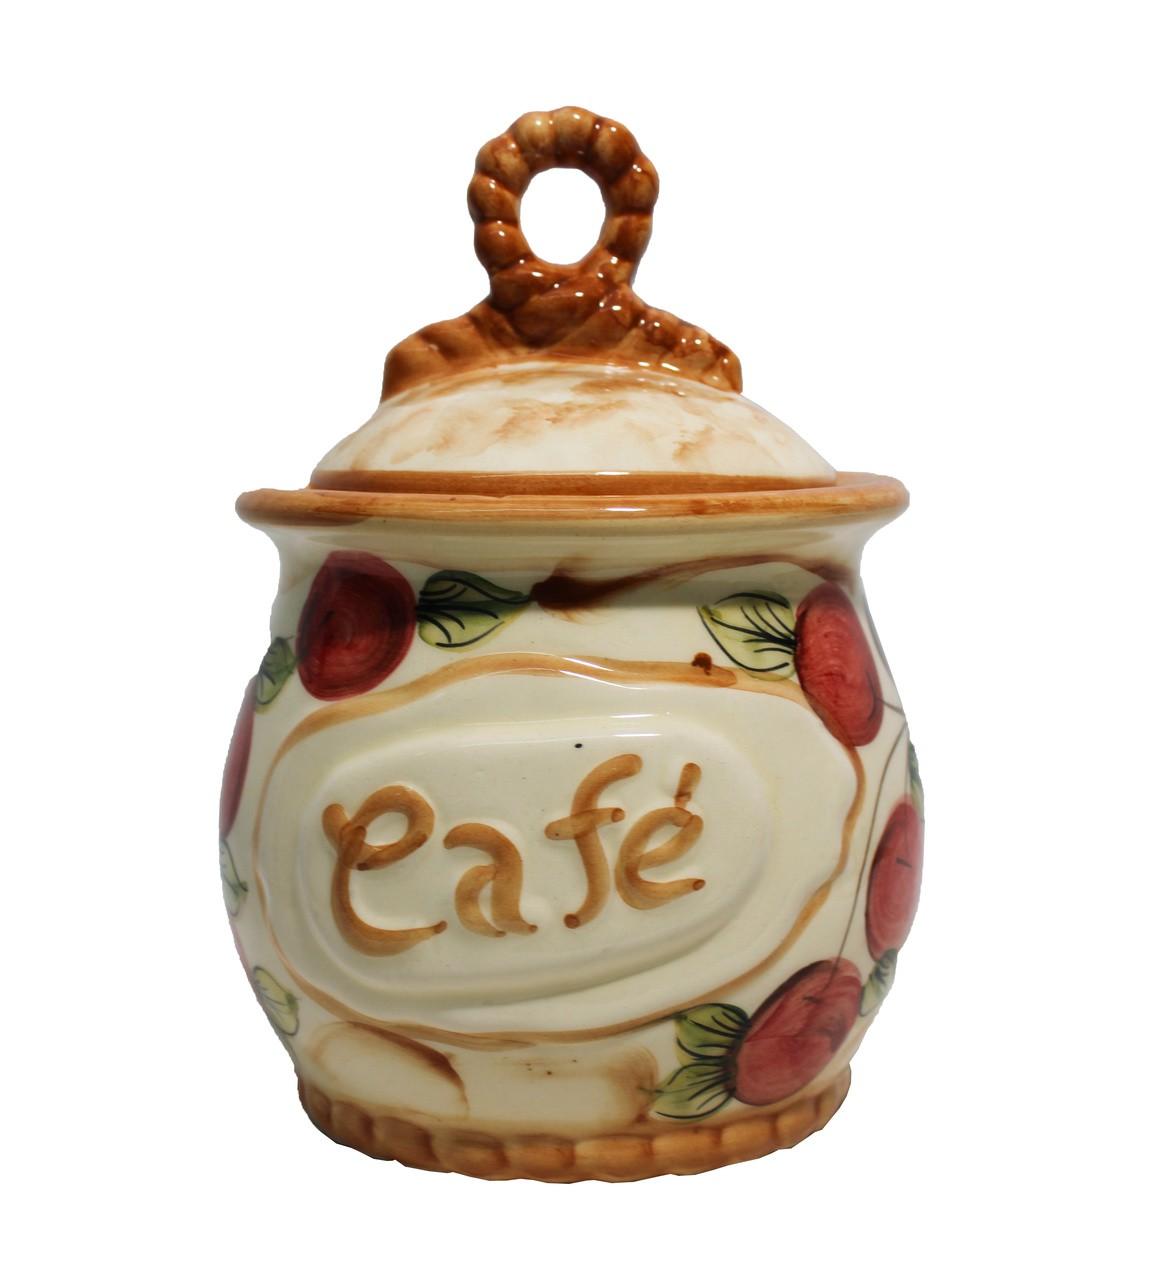 Pote Cafe